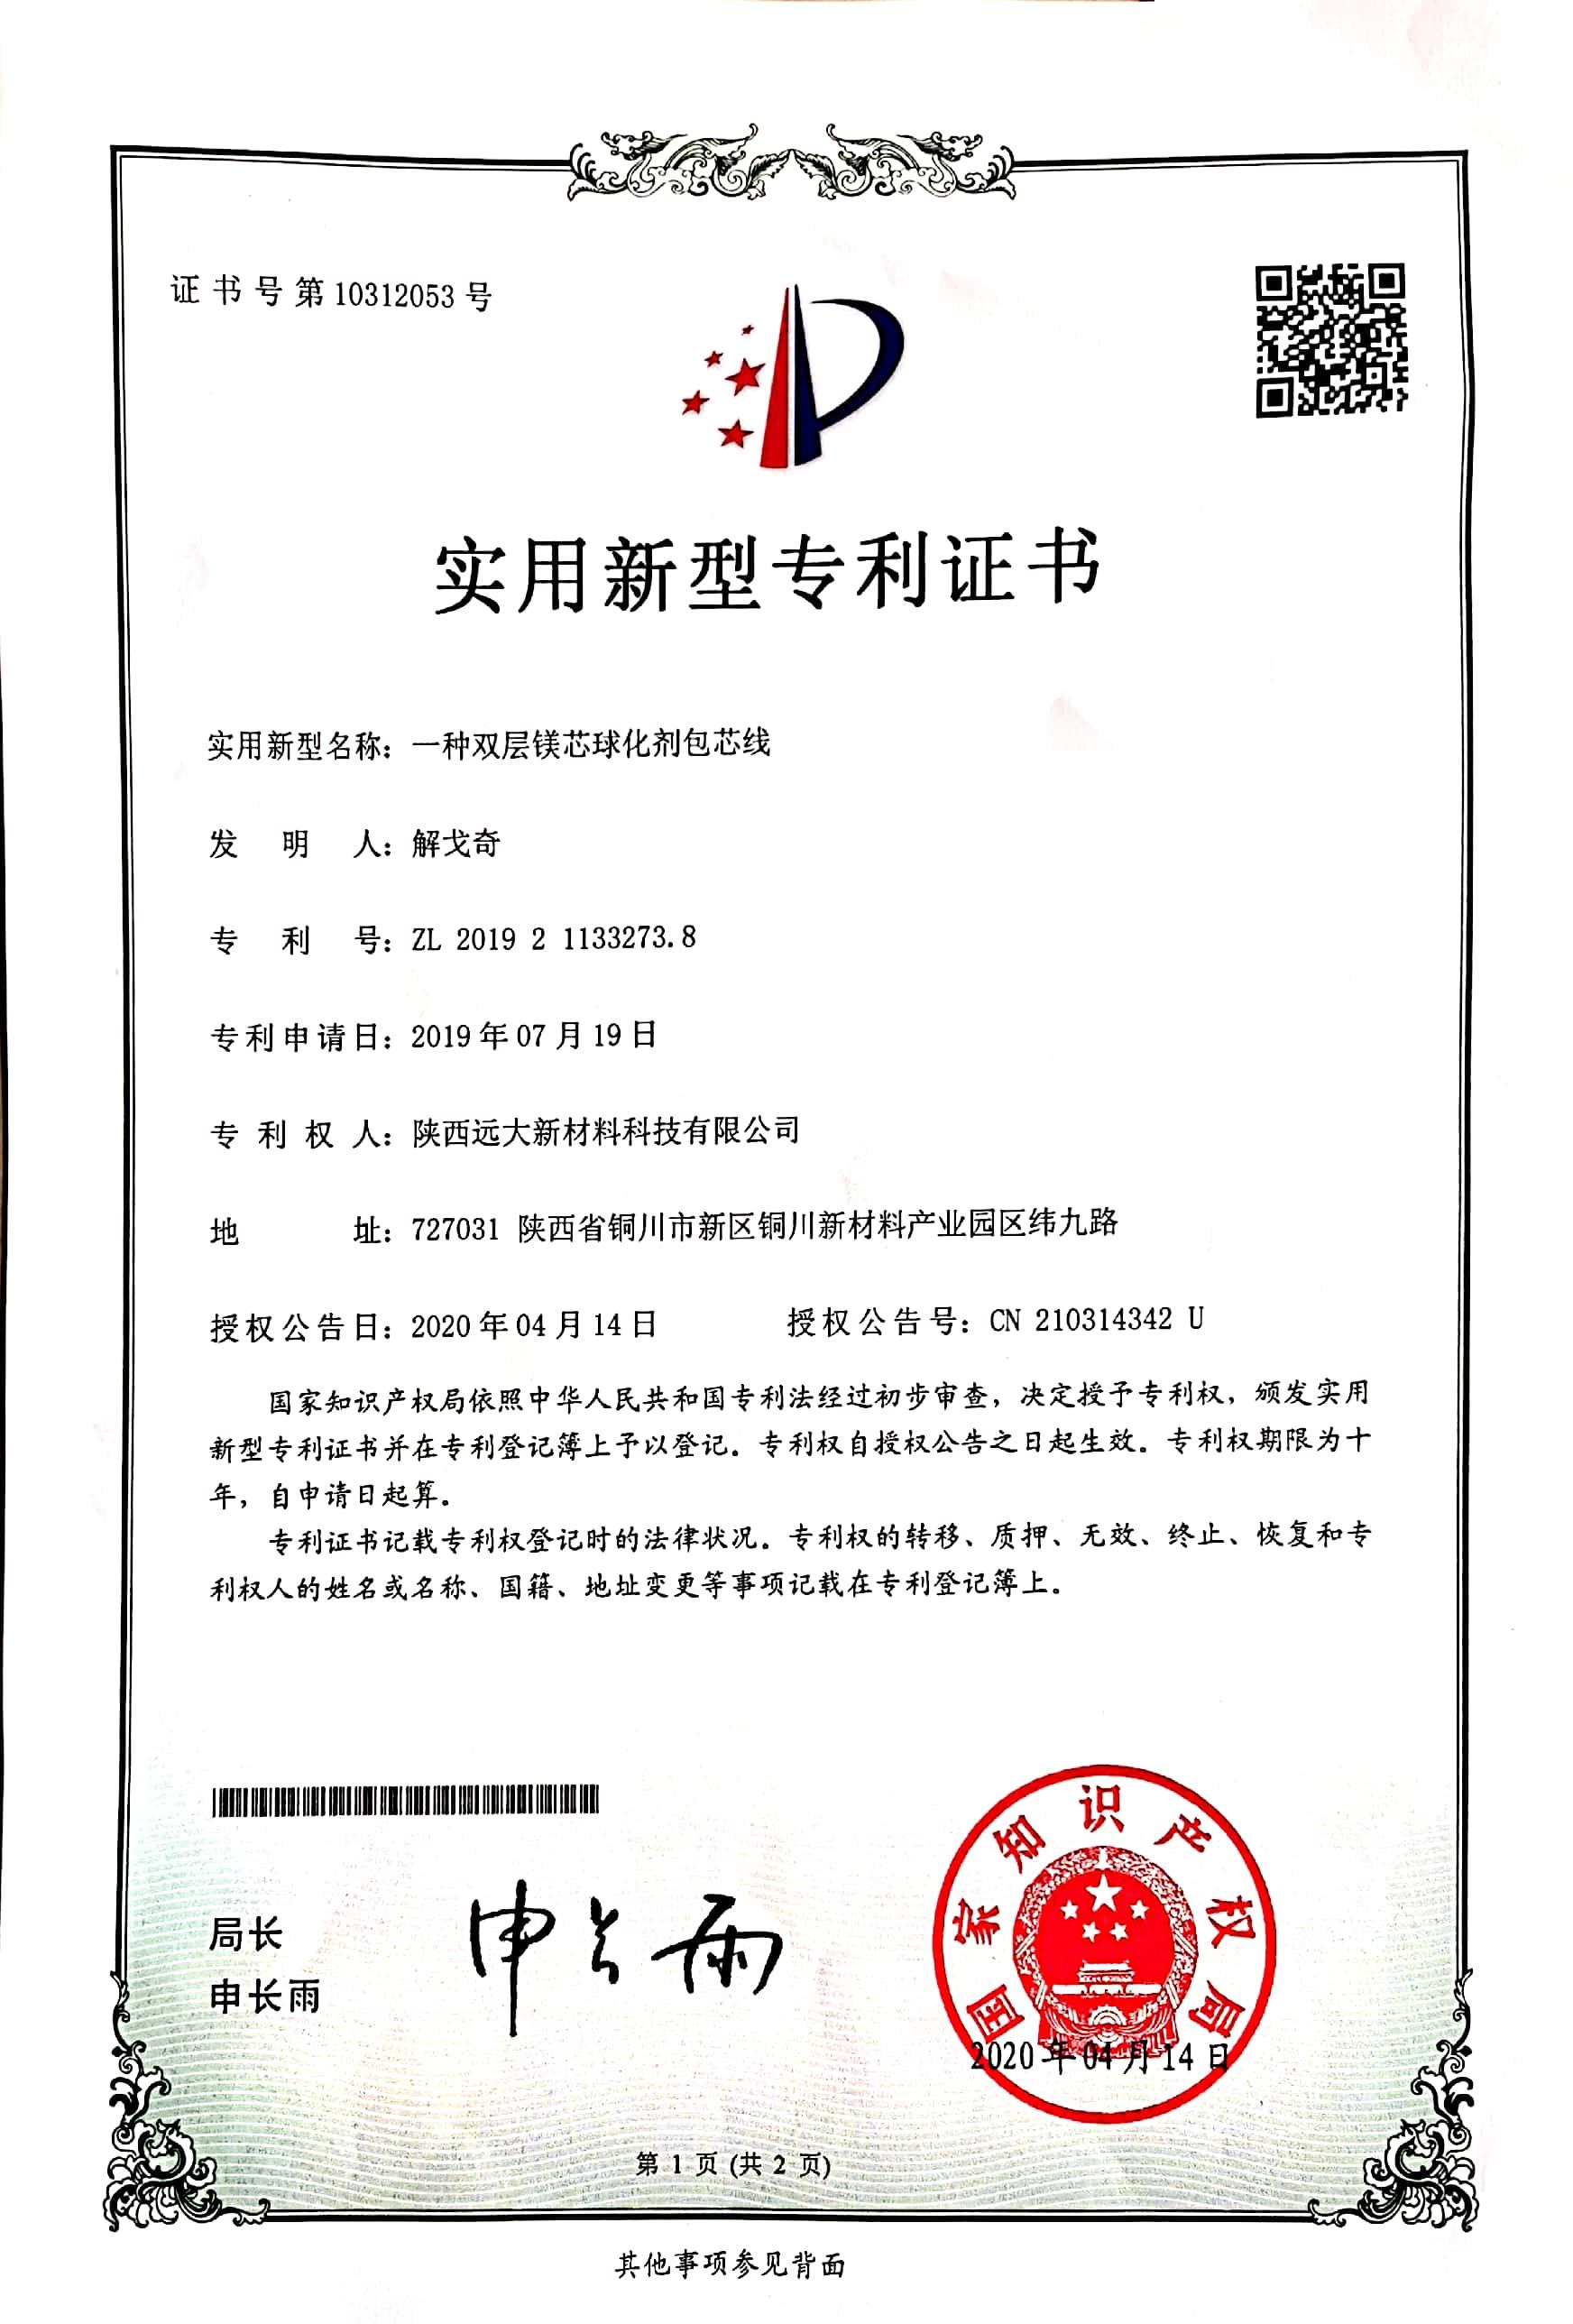 ballbet贝博官网下载公司又获得一项新专利:一种双层镁芯球化